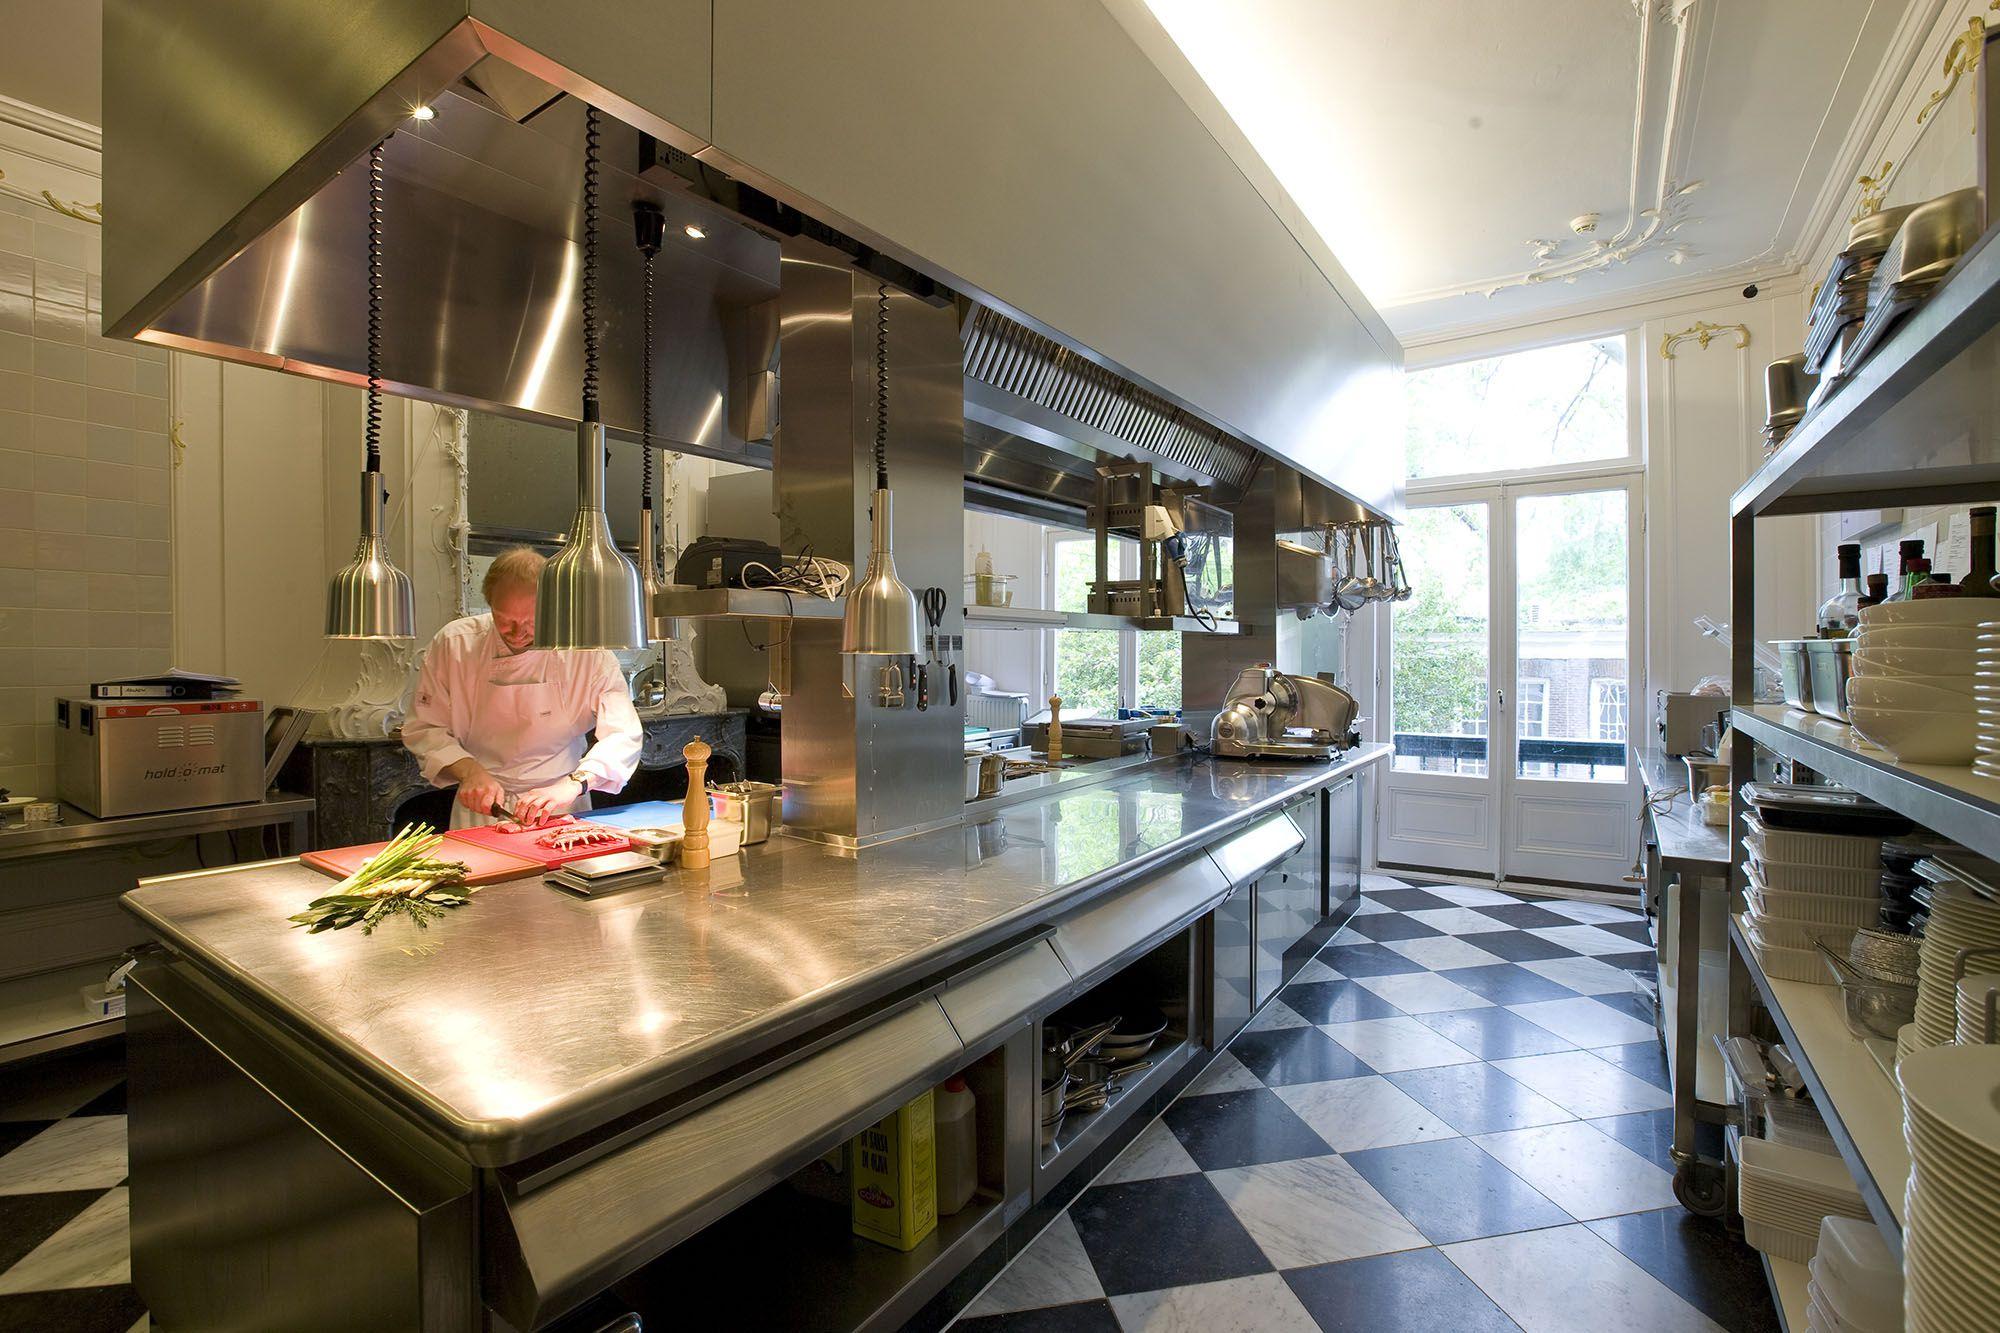 kitchen - © jim ellam